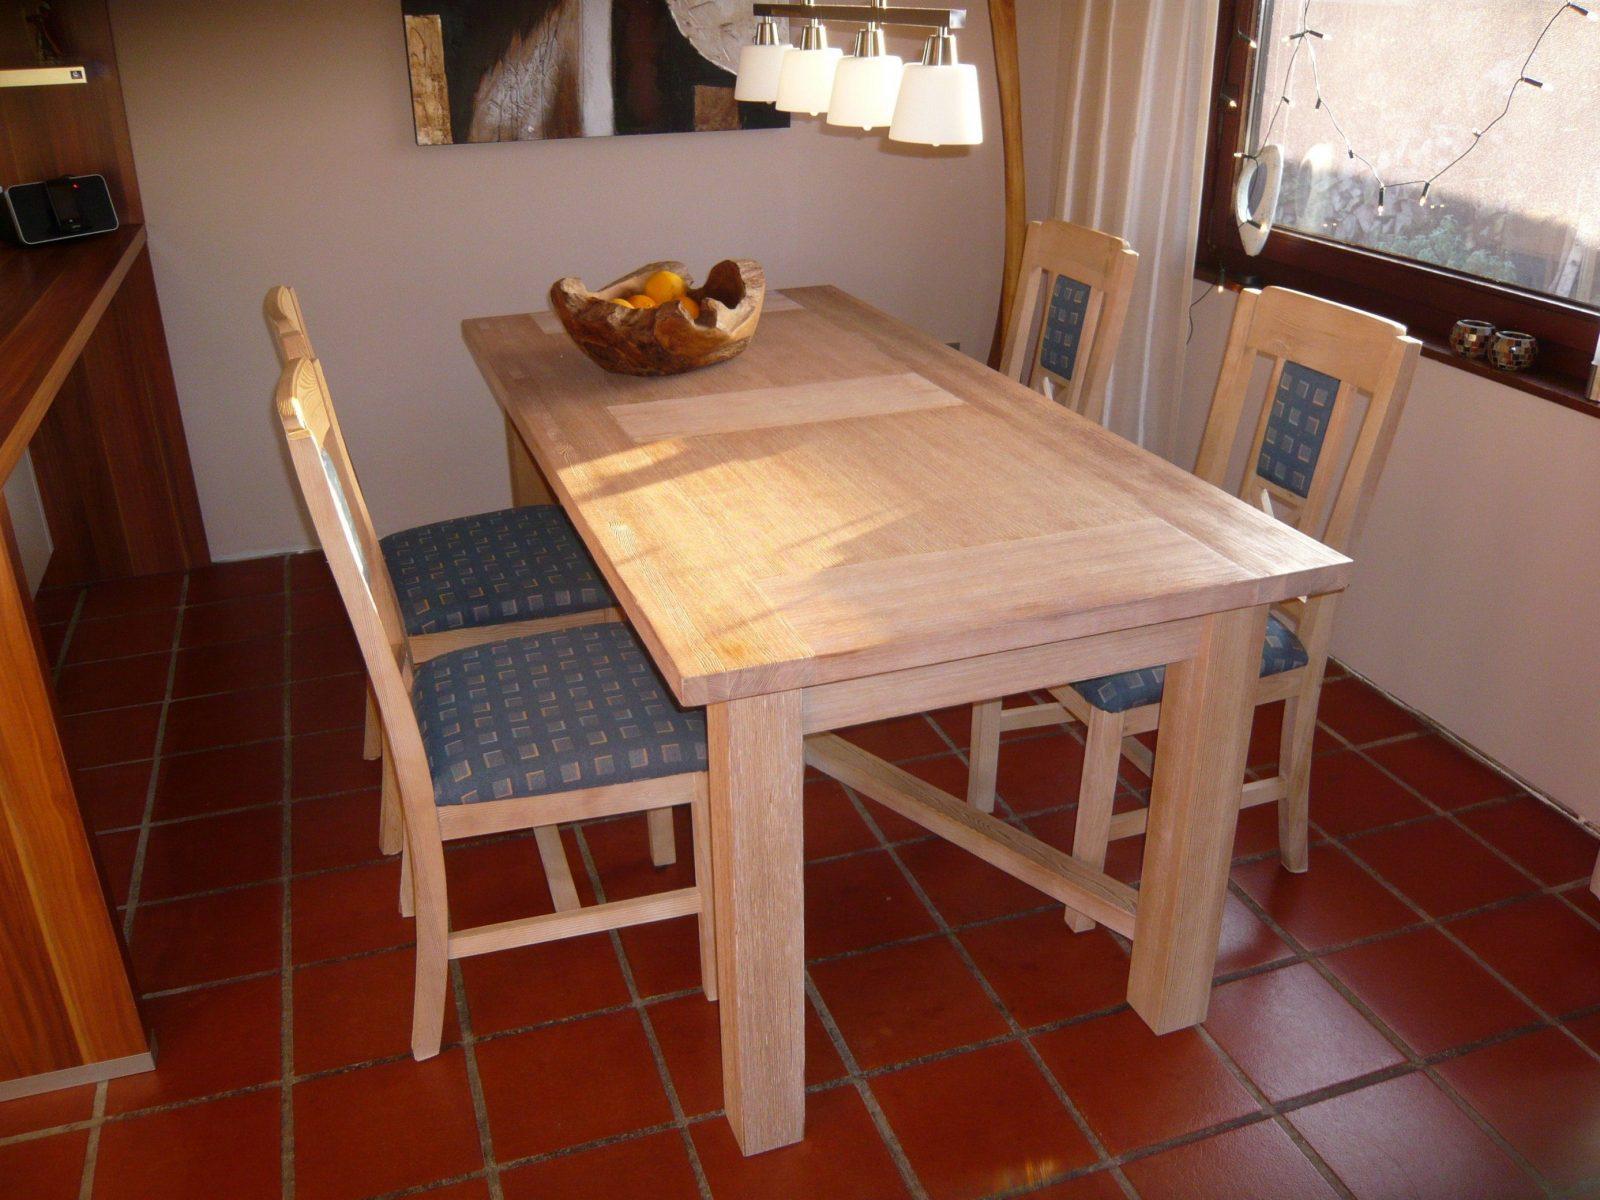 Esstische Entzückend Esstisch Pinie Design Esstisch Pinie Honig von Pinie Gekälkt Und Gebürstet Bild